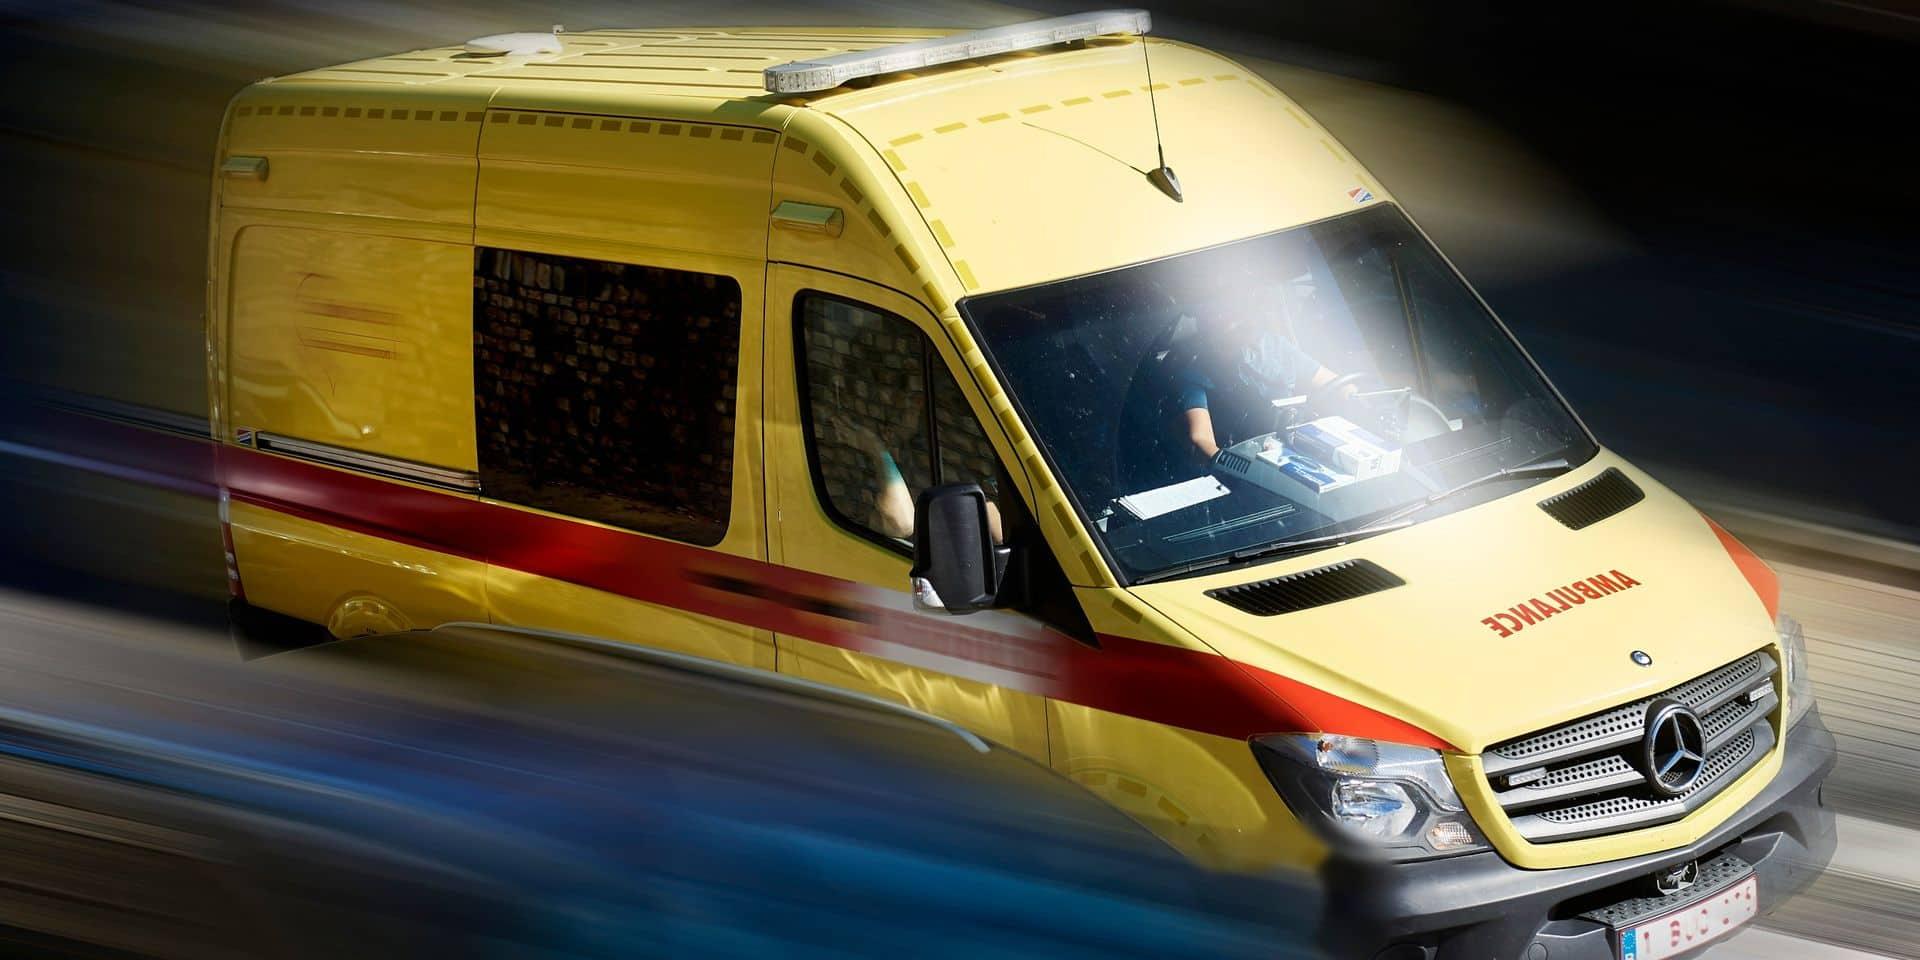 Une étudiante blessée après avoir sauté par la fenêtre pour échapper à un contrôle Covid à Louvain-la-Neuve